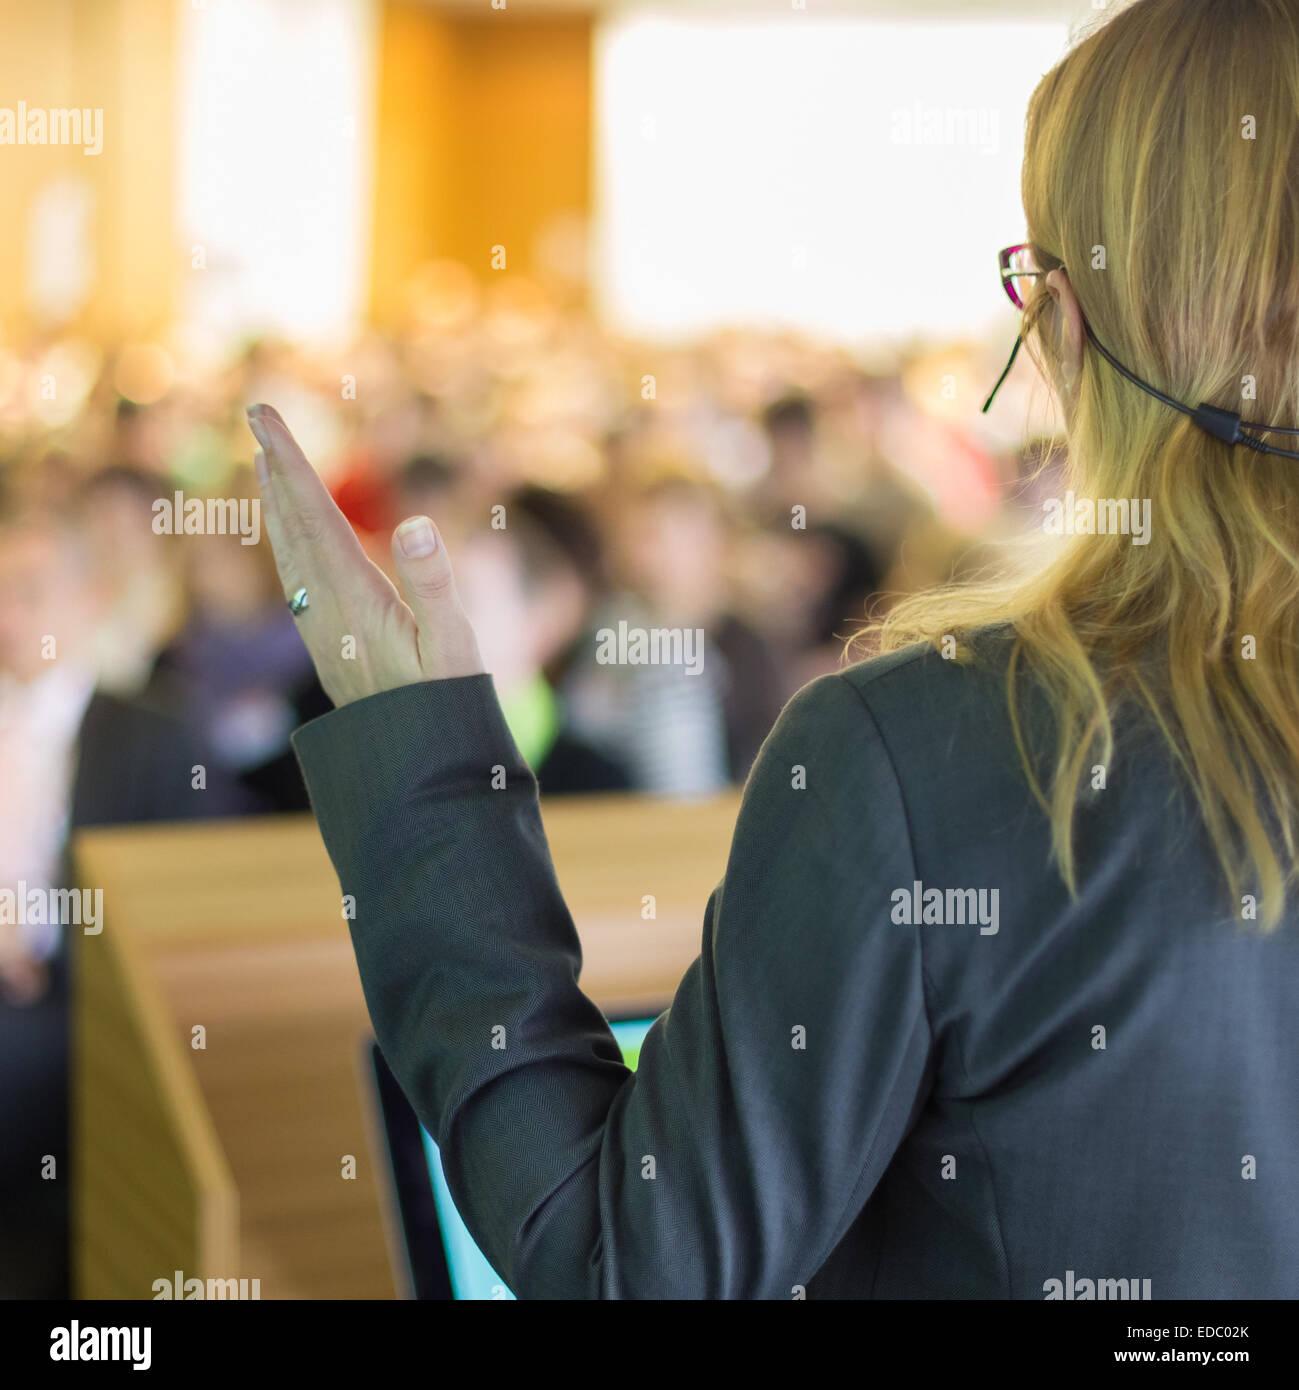 Come oratore a conferenze di affari e la presentazione. Immagini Stock